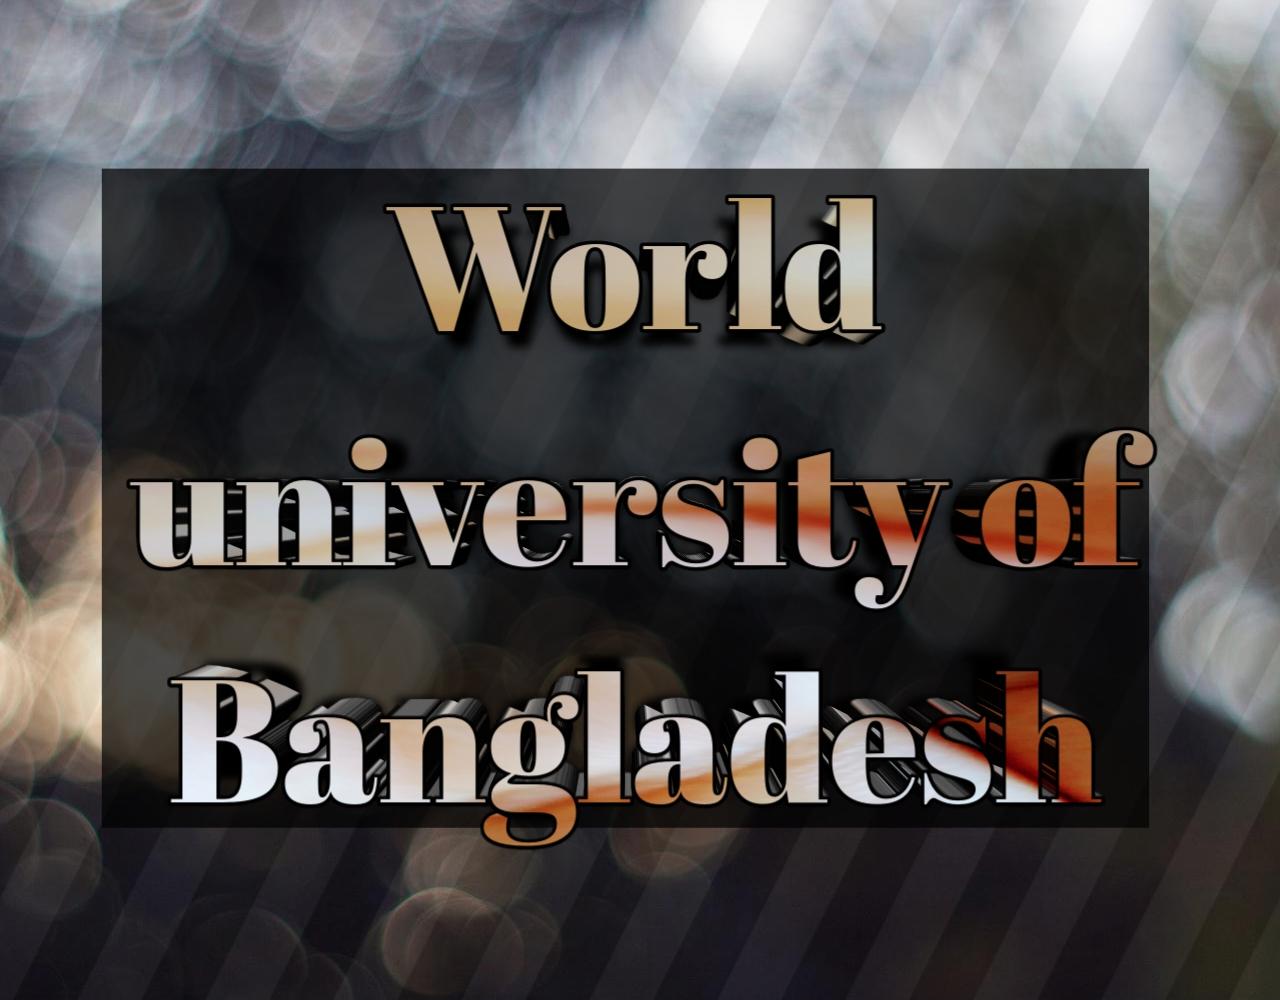 বাংলাদেশের বিশ্ববিদ্যালয়ে ভর্তি পরীক্ষার পদ্ধতি 2020-2021, world university of Bangladesh Admission system 2020-2021, world university of Bangladesh admission test exam 2020-2021, বাংলাদেশের বিশ্ববিদ্যালয়ে আবেদনের যোগ্যতা ২০২০-২১, world university of Bangladesh admission ability 2020-2021, বাংলাদেশের বিশ্ববিদ্যালয়ে আবেদনের ন্যূনতম জিপিএ,  world university of Bangladesh admission test, বাংলাদেশের বিশ্ববিদ্যালয় ইউনিট পদ্ধতি, world university of Bangladesh unit system, বাংলাদেশের বিশ্ববিদ্যালয়ের ভর্তি পরীক্ষার নম্বর বন্টন ২০২০-২০২১, world university of Bangladesh subject list, বাংলাদেশের বিশ্ববিদ্যালয়ের ভর্তি পরীক্ষার তারিখ ২০২০-২০২১, world university of Bangladesh admission date 2020-2021, বাংলাদেশের বিশ্ববিদ্যালয় আসন সংখ্যা 2020-2021, world university of Bangladesh admission seat 2020-2021, বাংলাদেশের বিশ্ববিদ্যালয় আবেদন ফি 2020-2021, world university of Bangladesh admission fee 2020-2021,